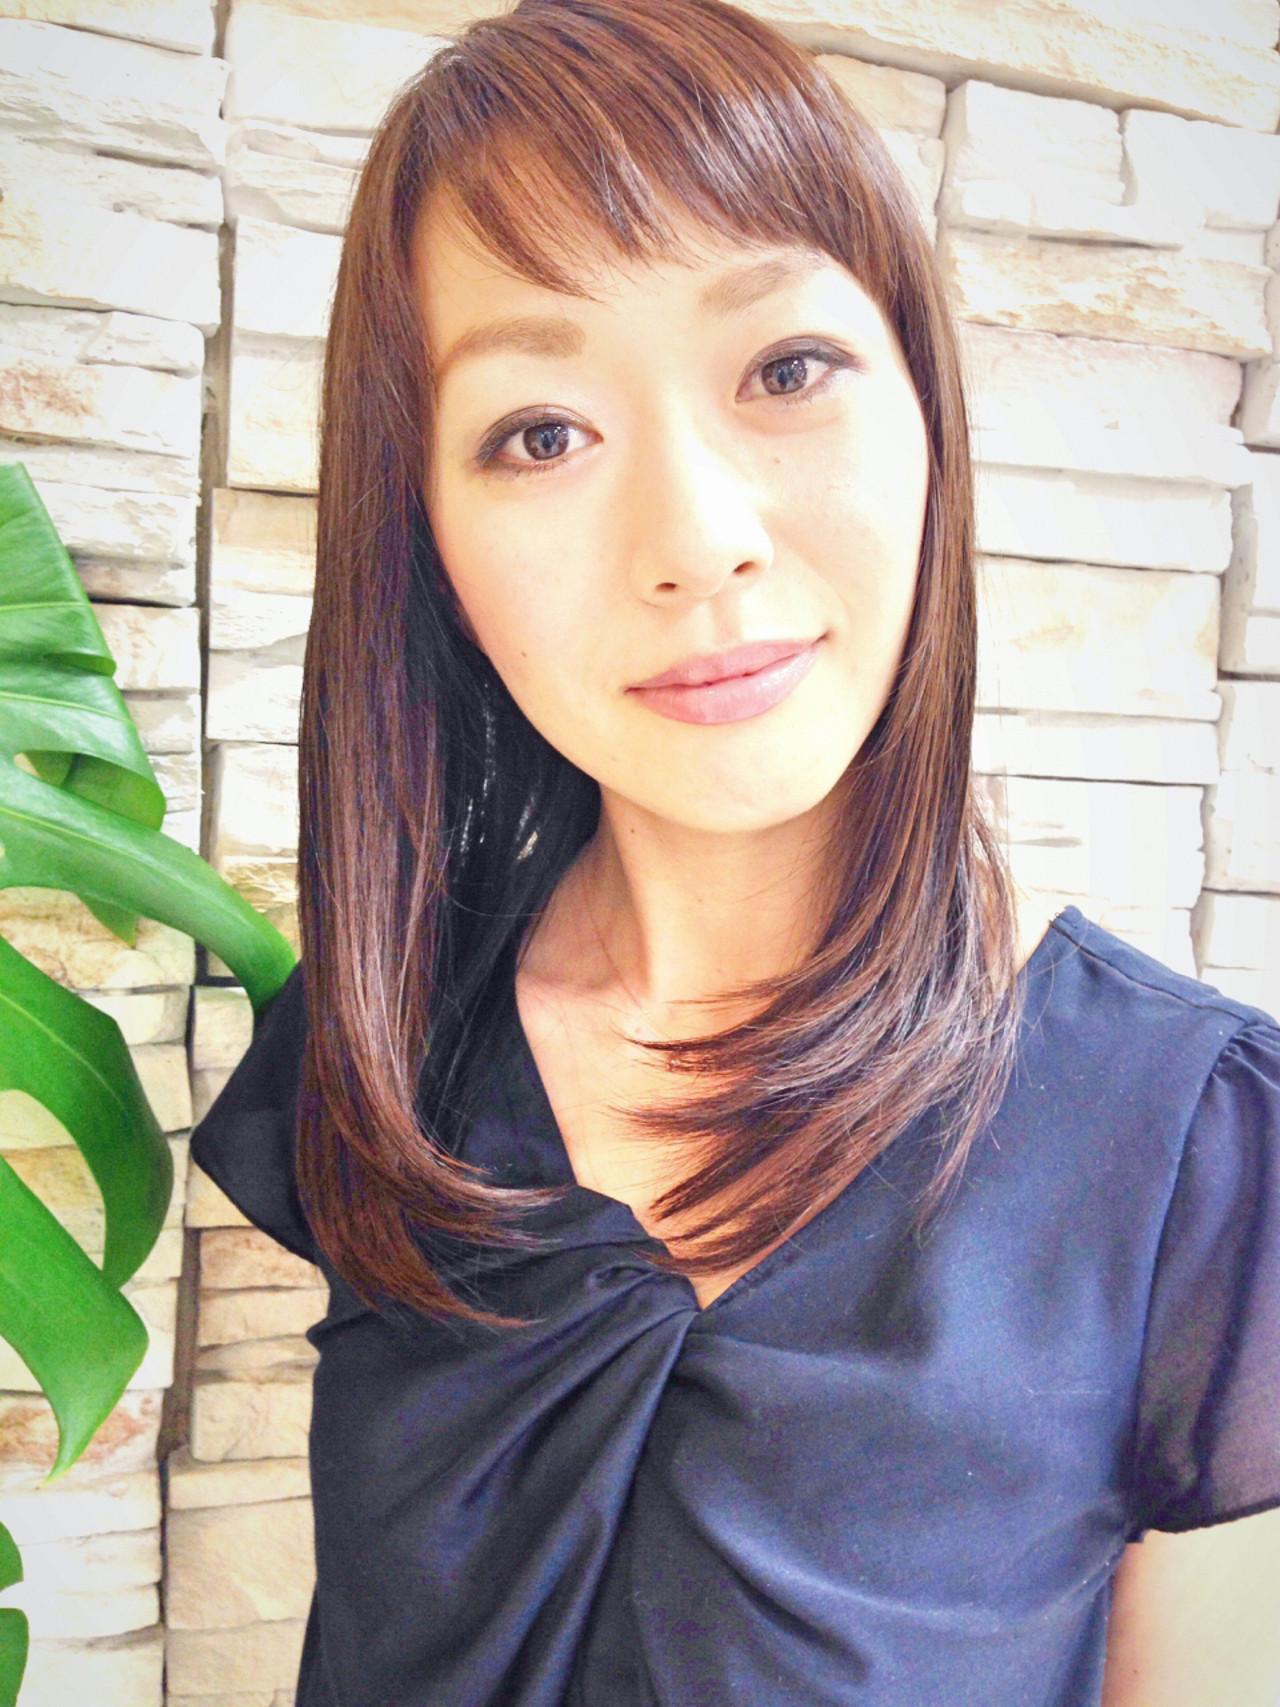 髪型を変えれば、あなたはもっと魅力的になれる。40代におすすめのヘアスタイル 岩永 王紀子